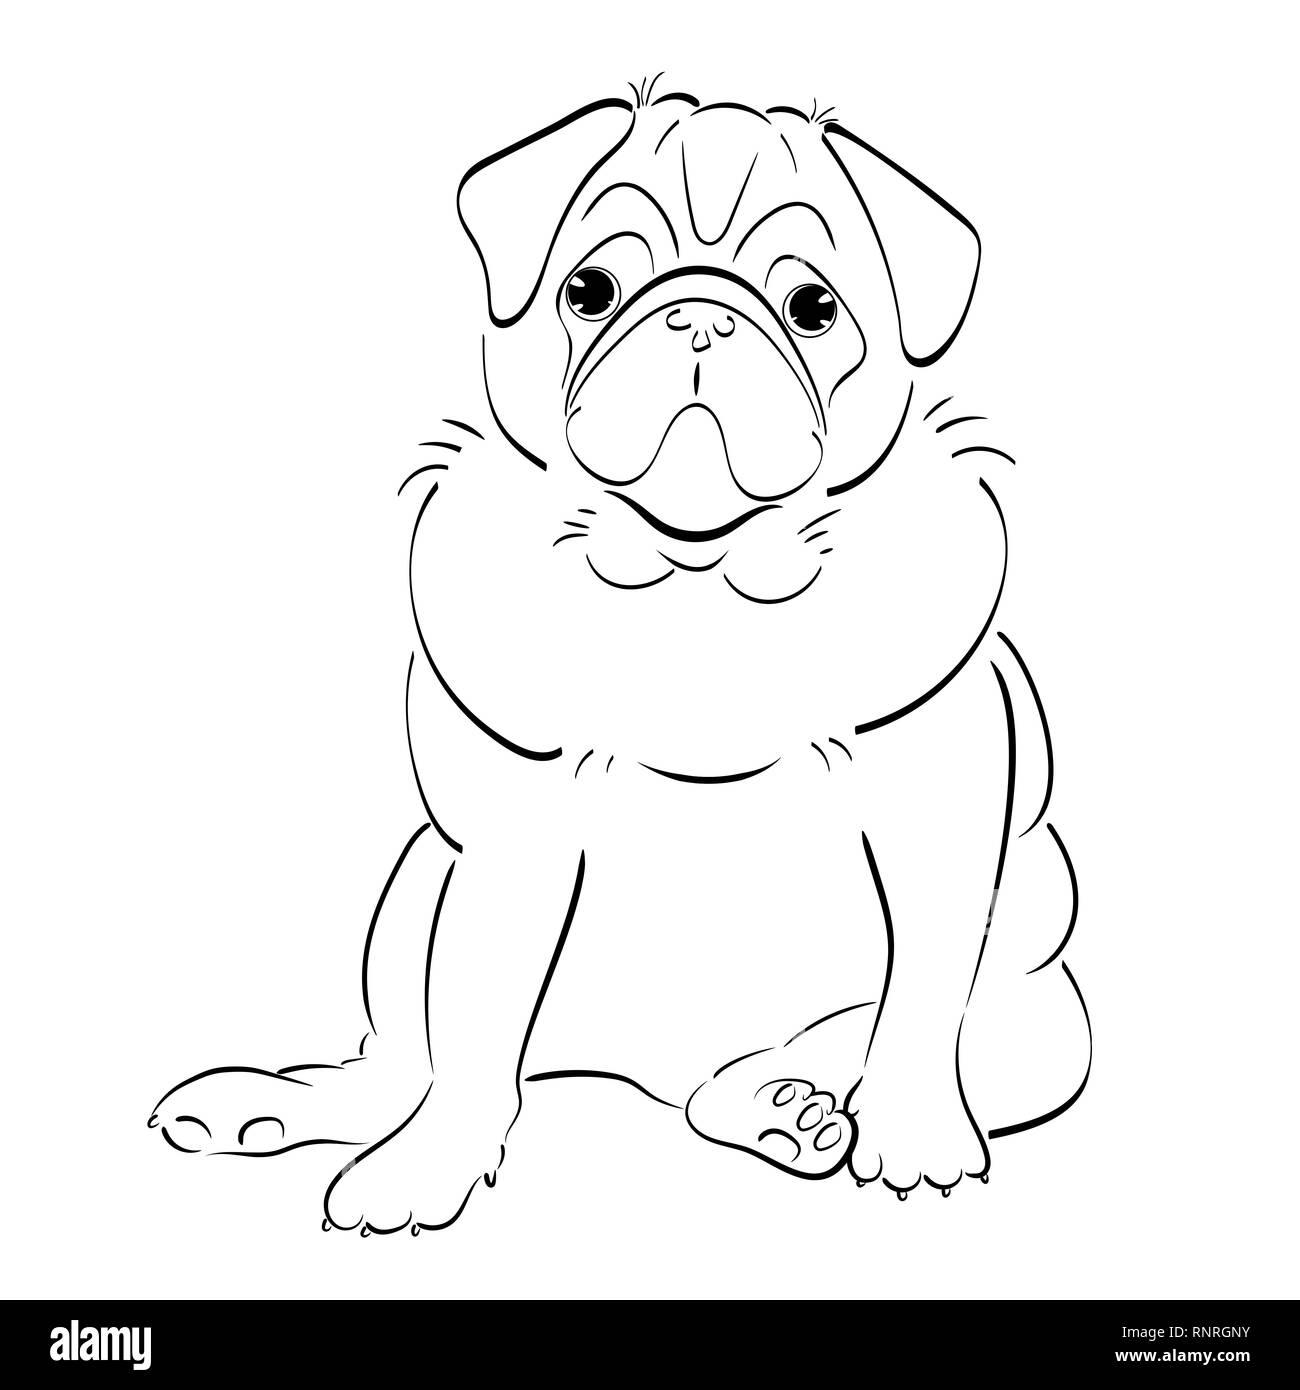 hand drawn line art pug dog, isolated on white background - Stock Image